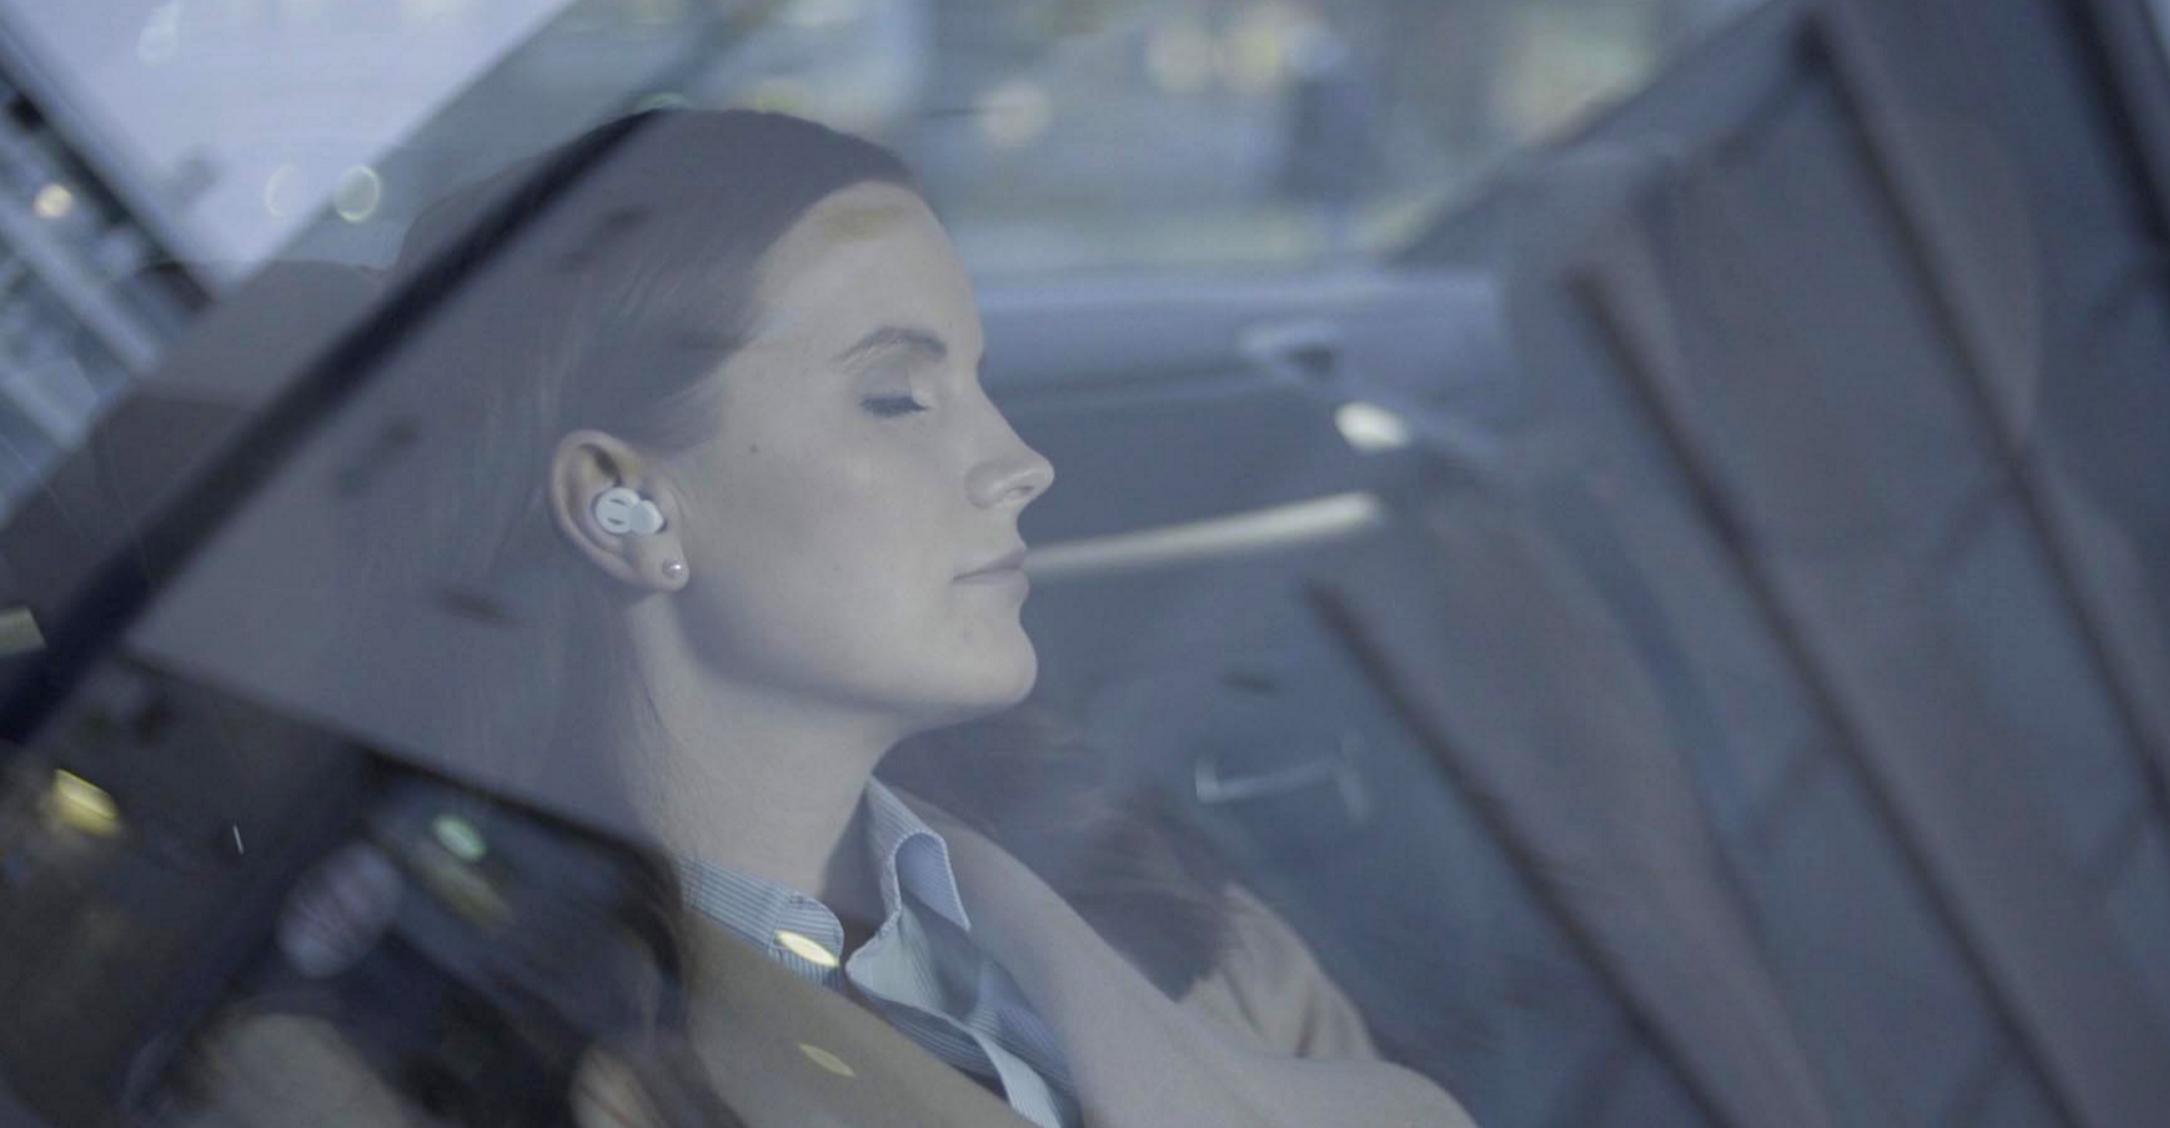 驚くほど、ぐっすり眠れる「デジタル耳栓」に注文殺到